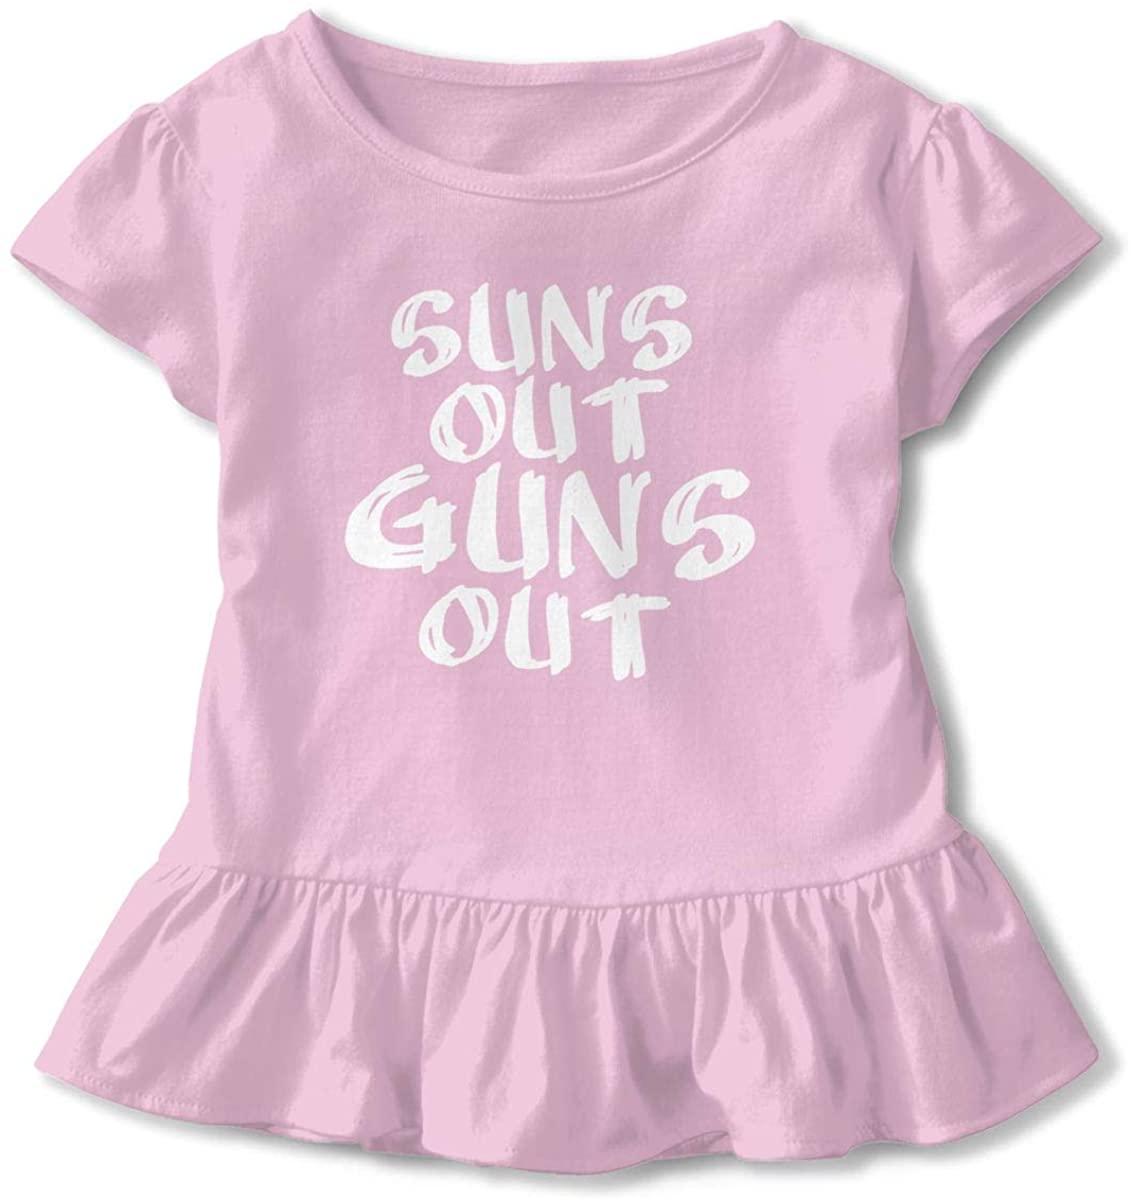 Suns Out Guns Out Girls Short Sleeve Ruffle Top Black